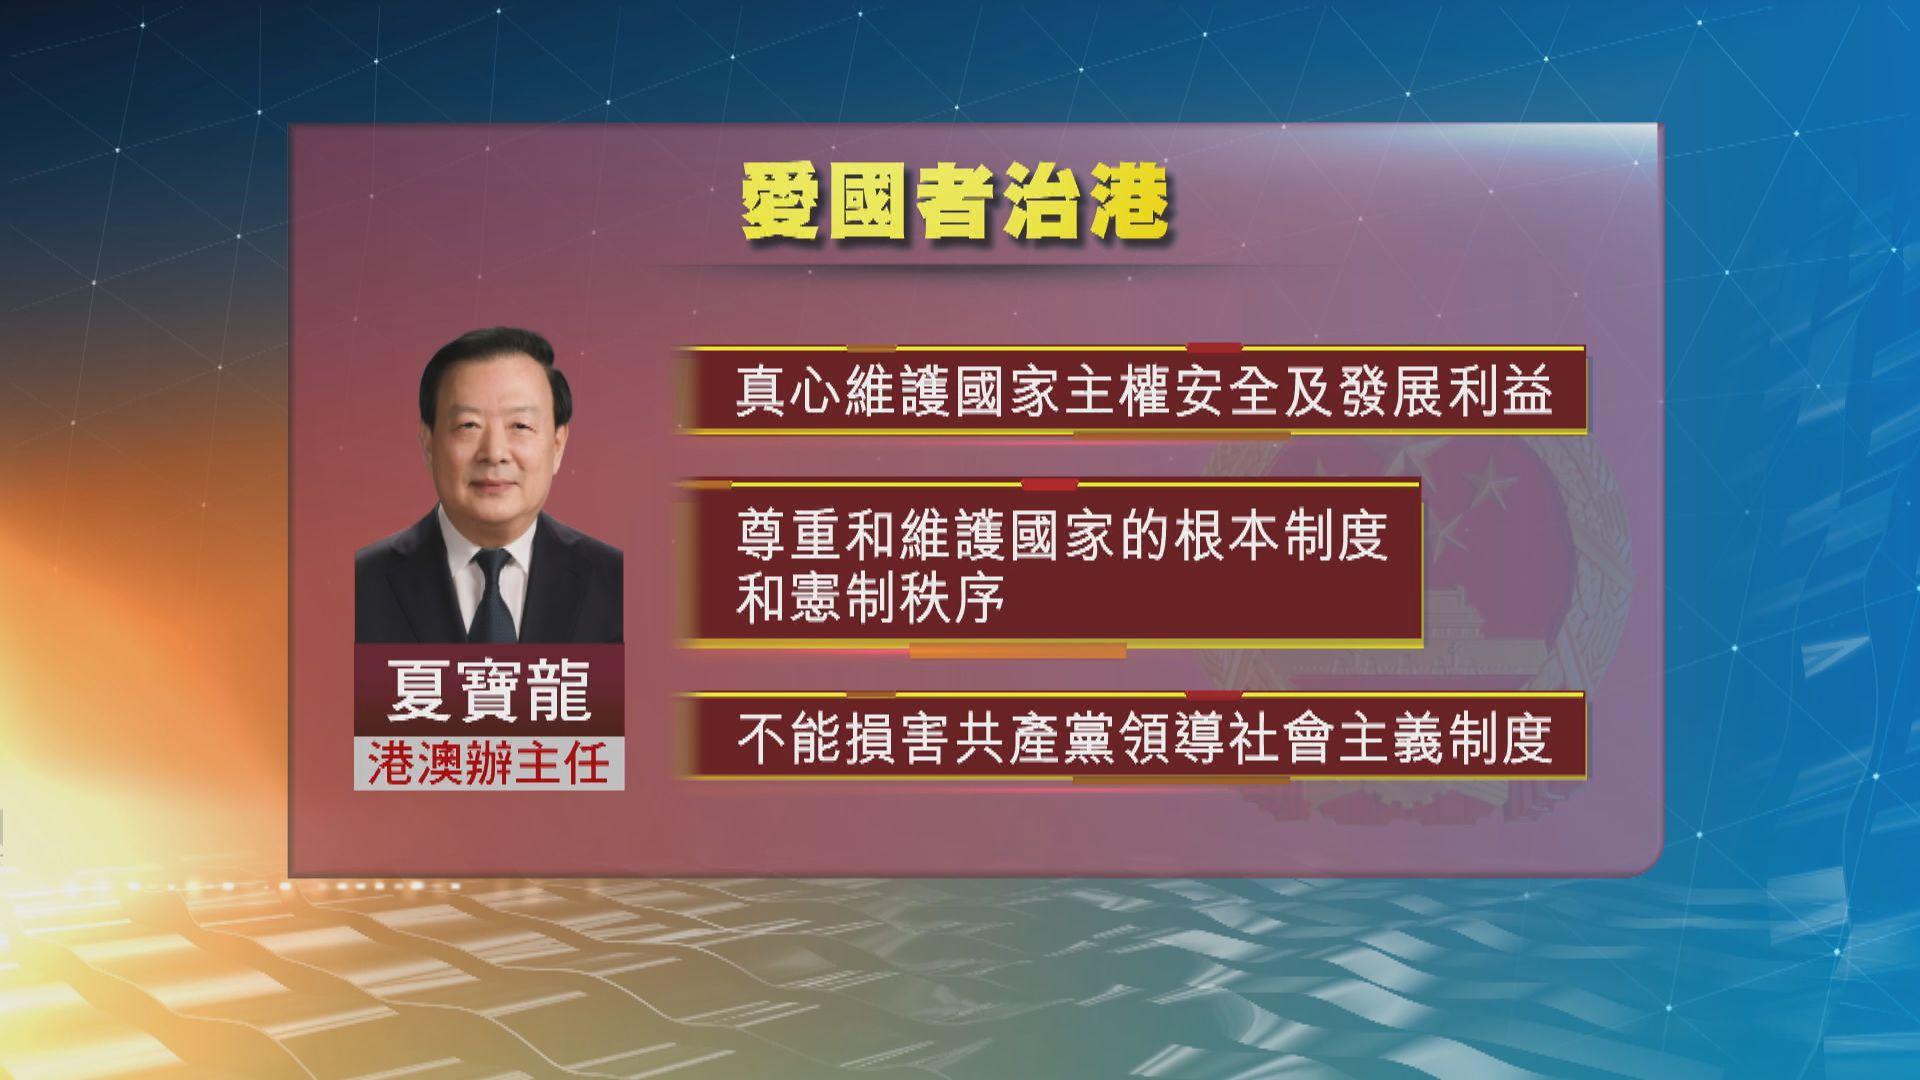 夏寶龍:愛國者治港是一國兩制核心要義